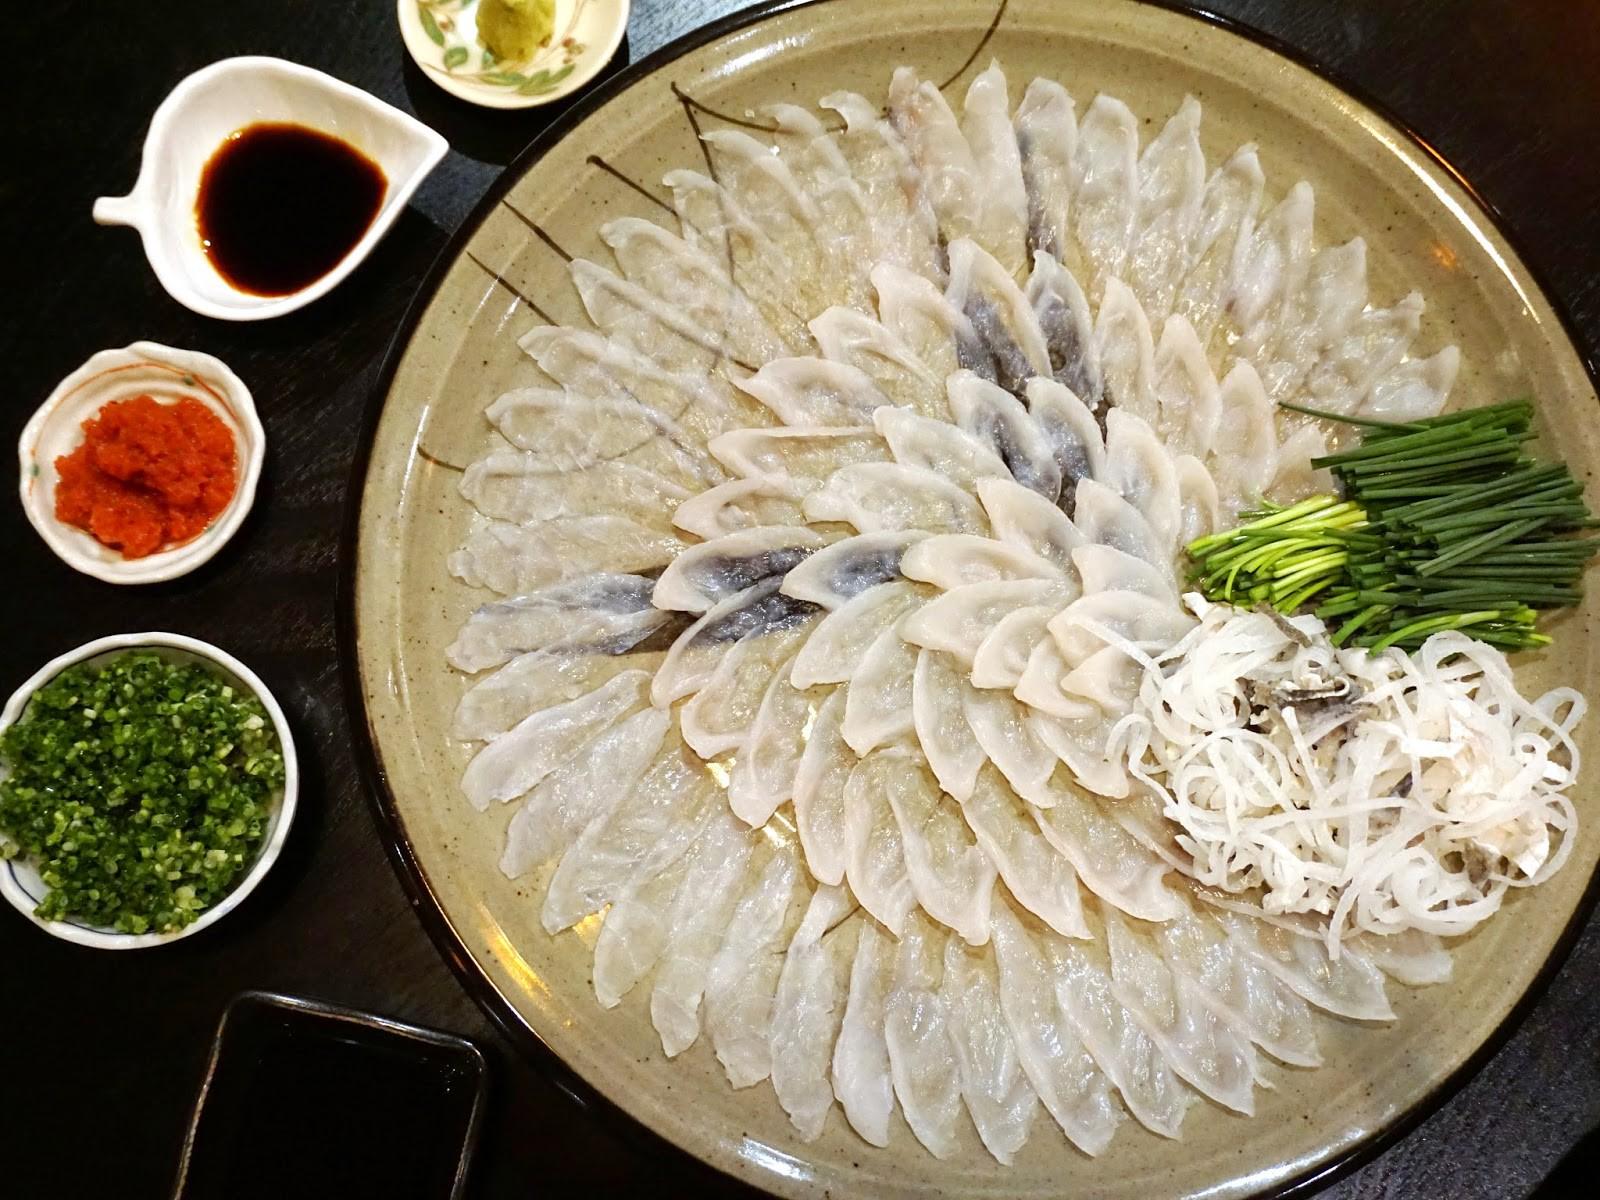 7,5 triệu đồng/100g thịt, ai mà ngờ loại cá vừa xấu xí vừa cực độc này lại đáng giá ở Nhật Bản đến thế-2